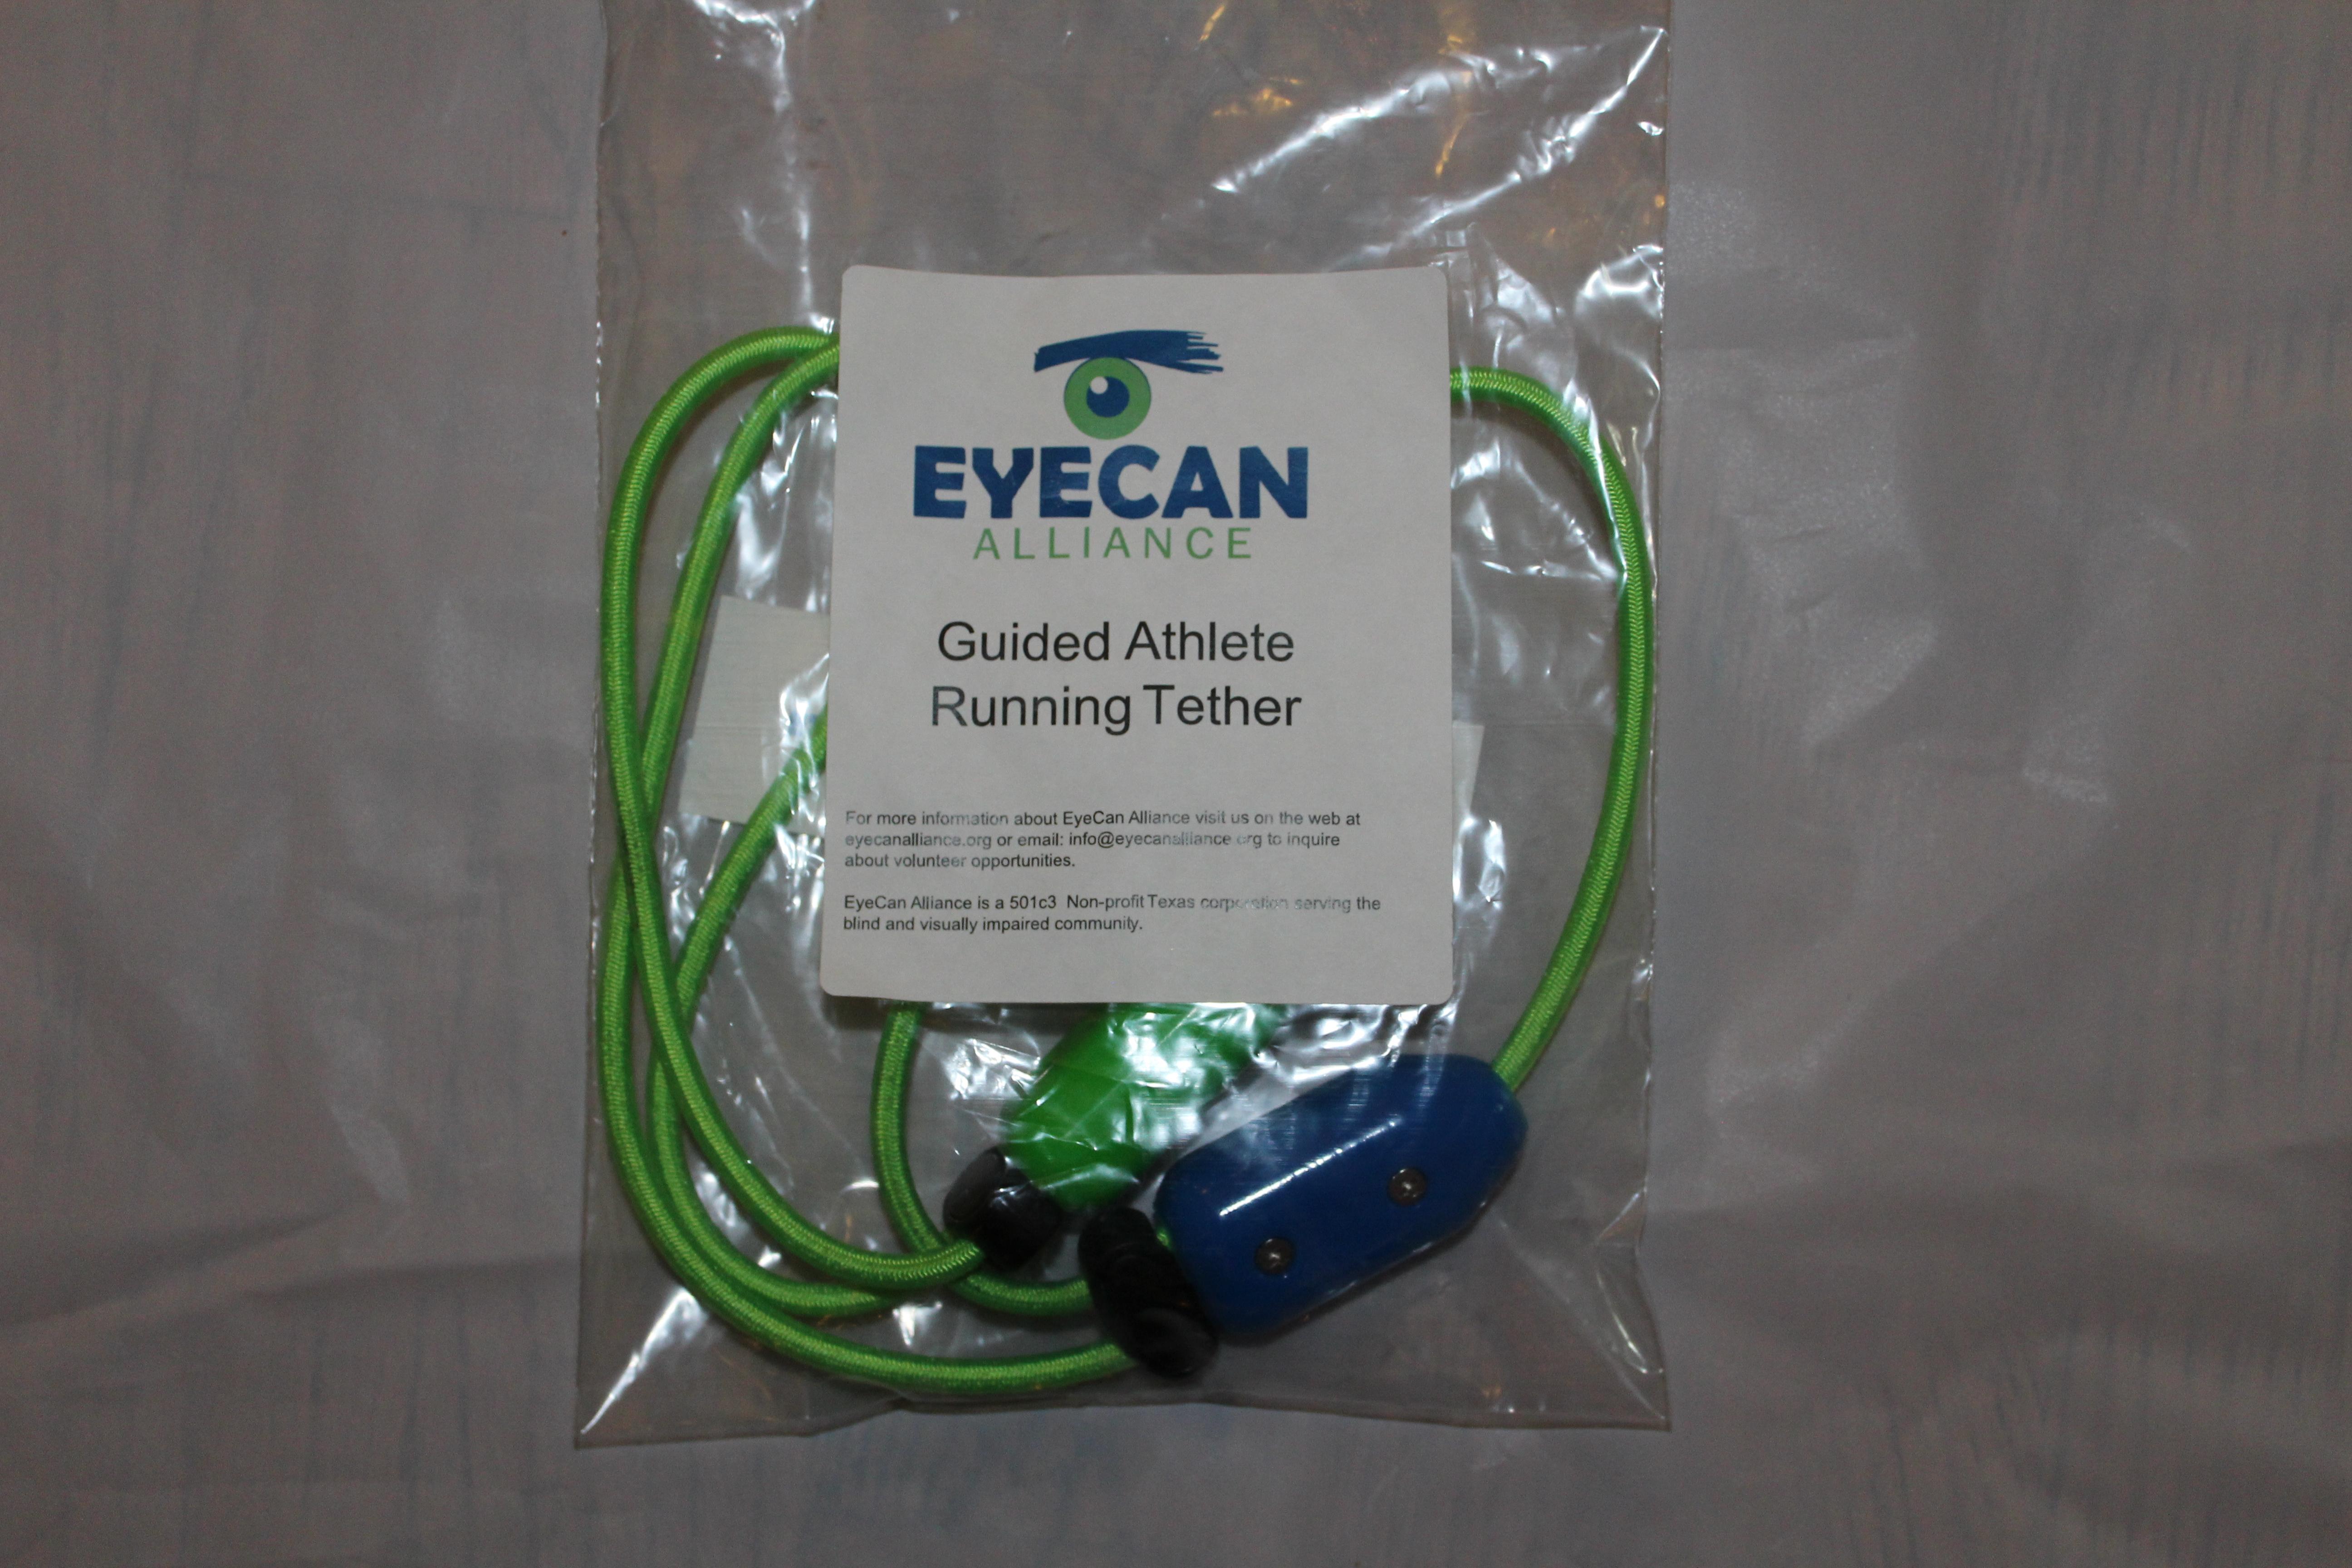 EyeCan Alliance